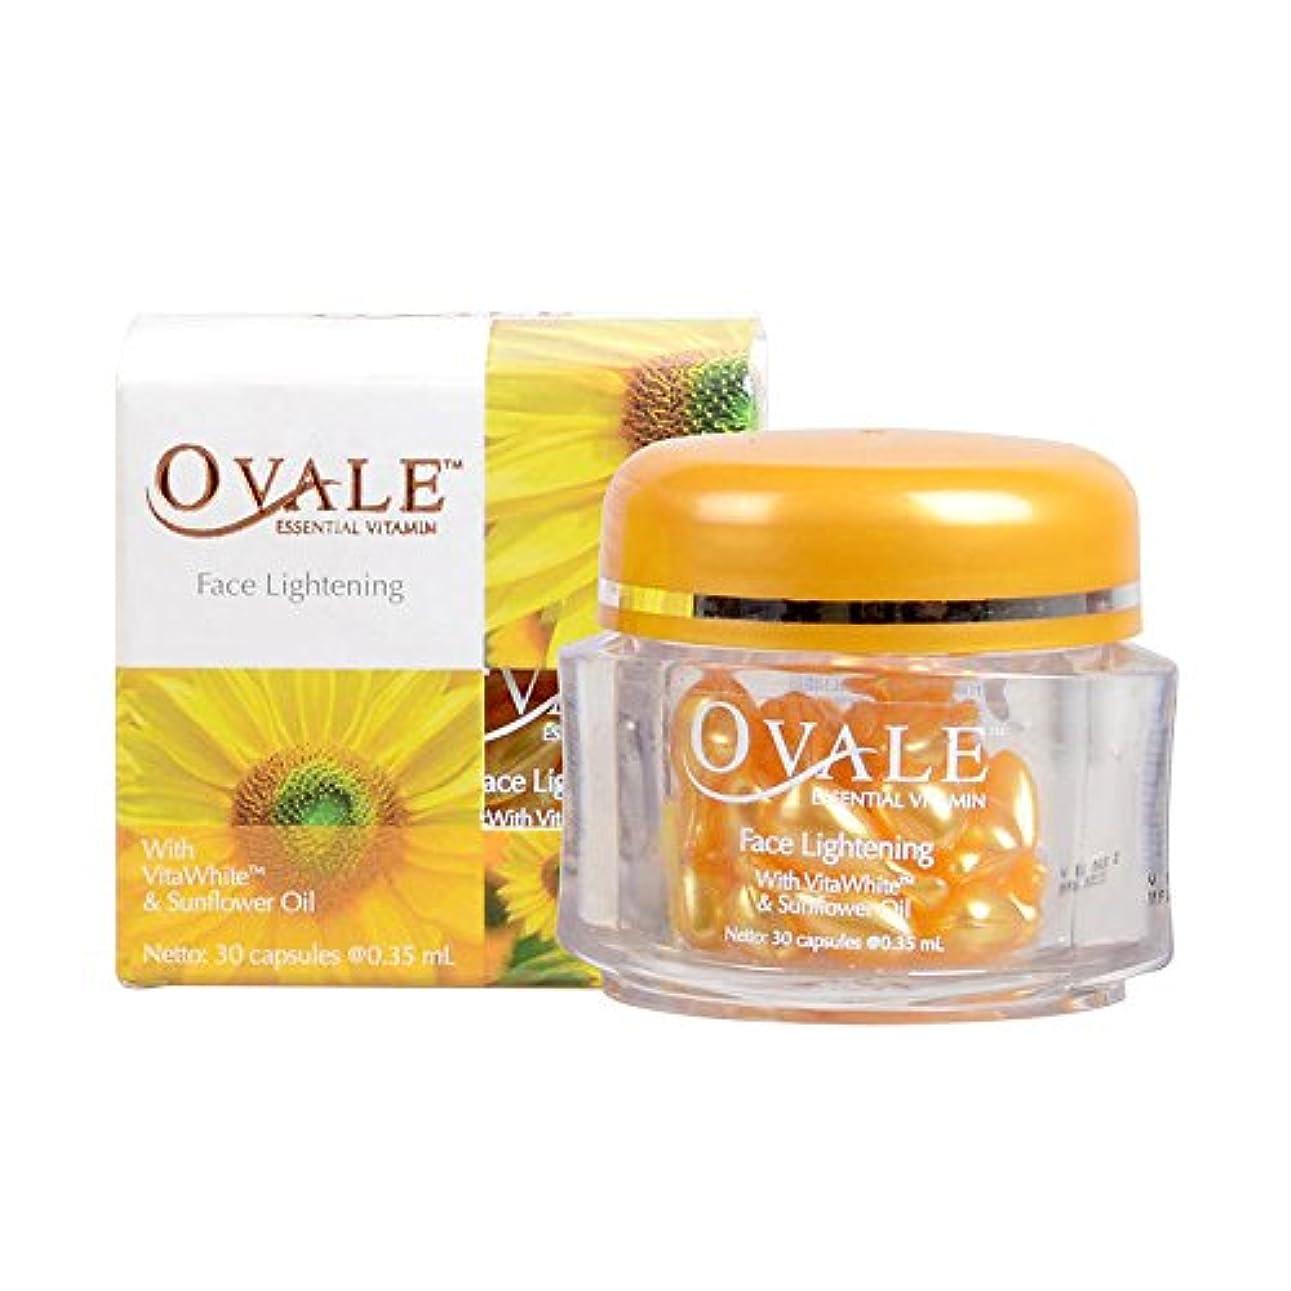 悪用ミュウミュウ懺悔Ovale オーバル フェイスビタミン essential vitamin 30粒入ボトル サンフラワー バリ島 bali [海外直送品]